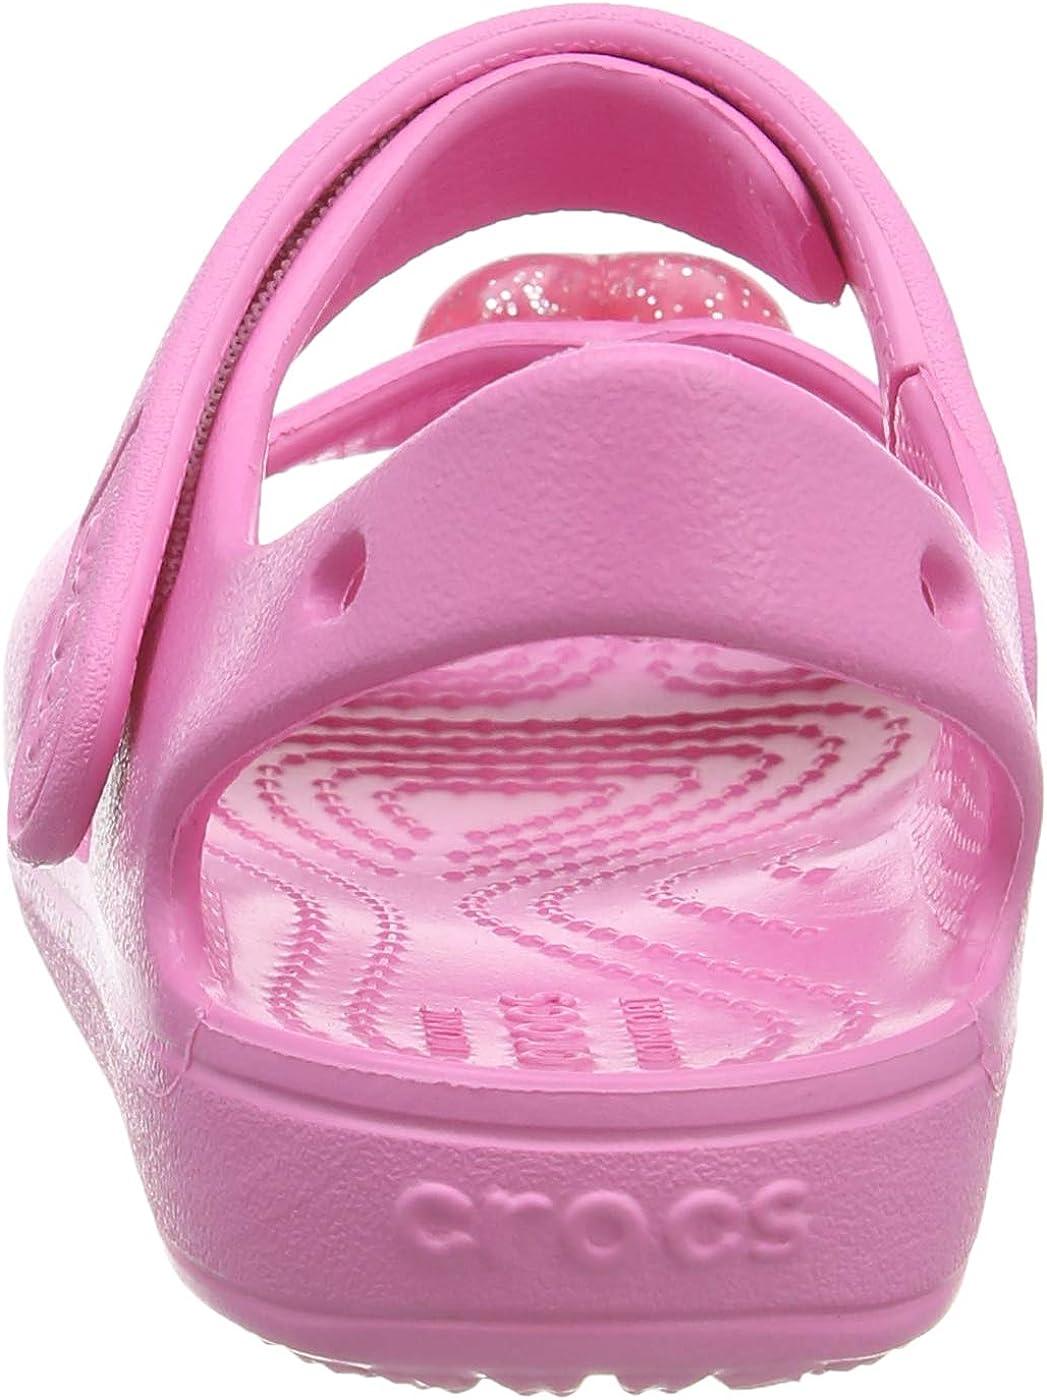 Crocs Classic Cross Strap Kids Sandali con Cinturino alla Caviglia Unisex Bambini